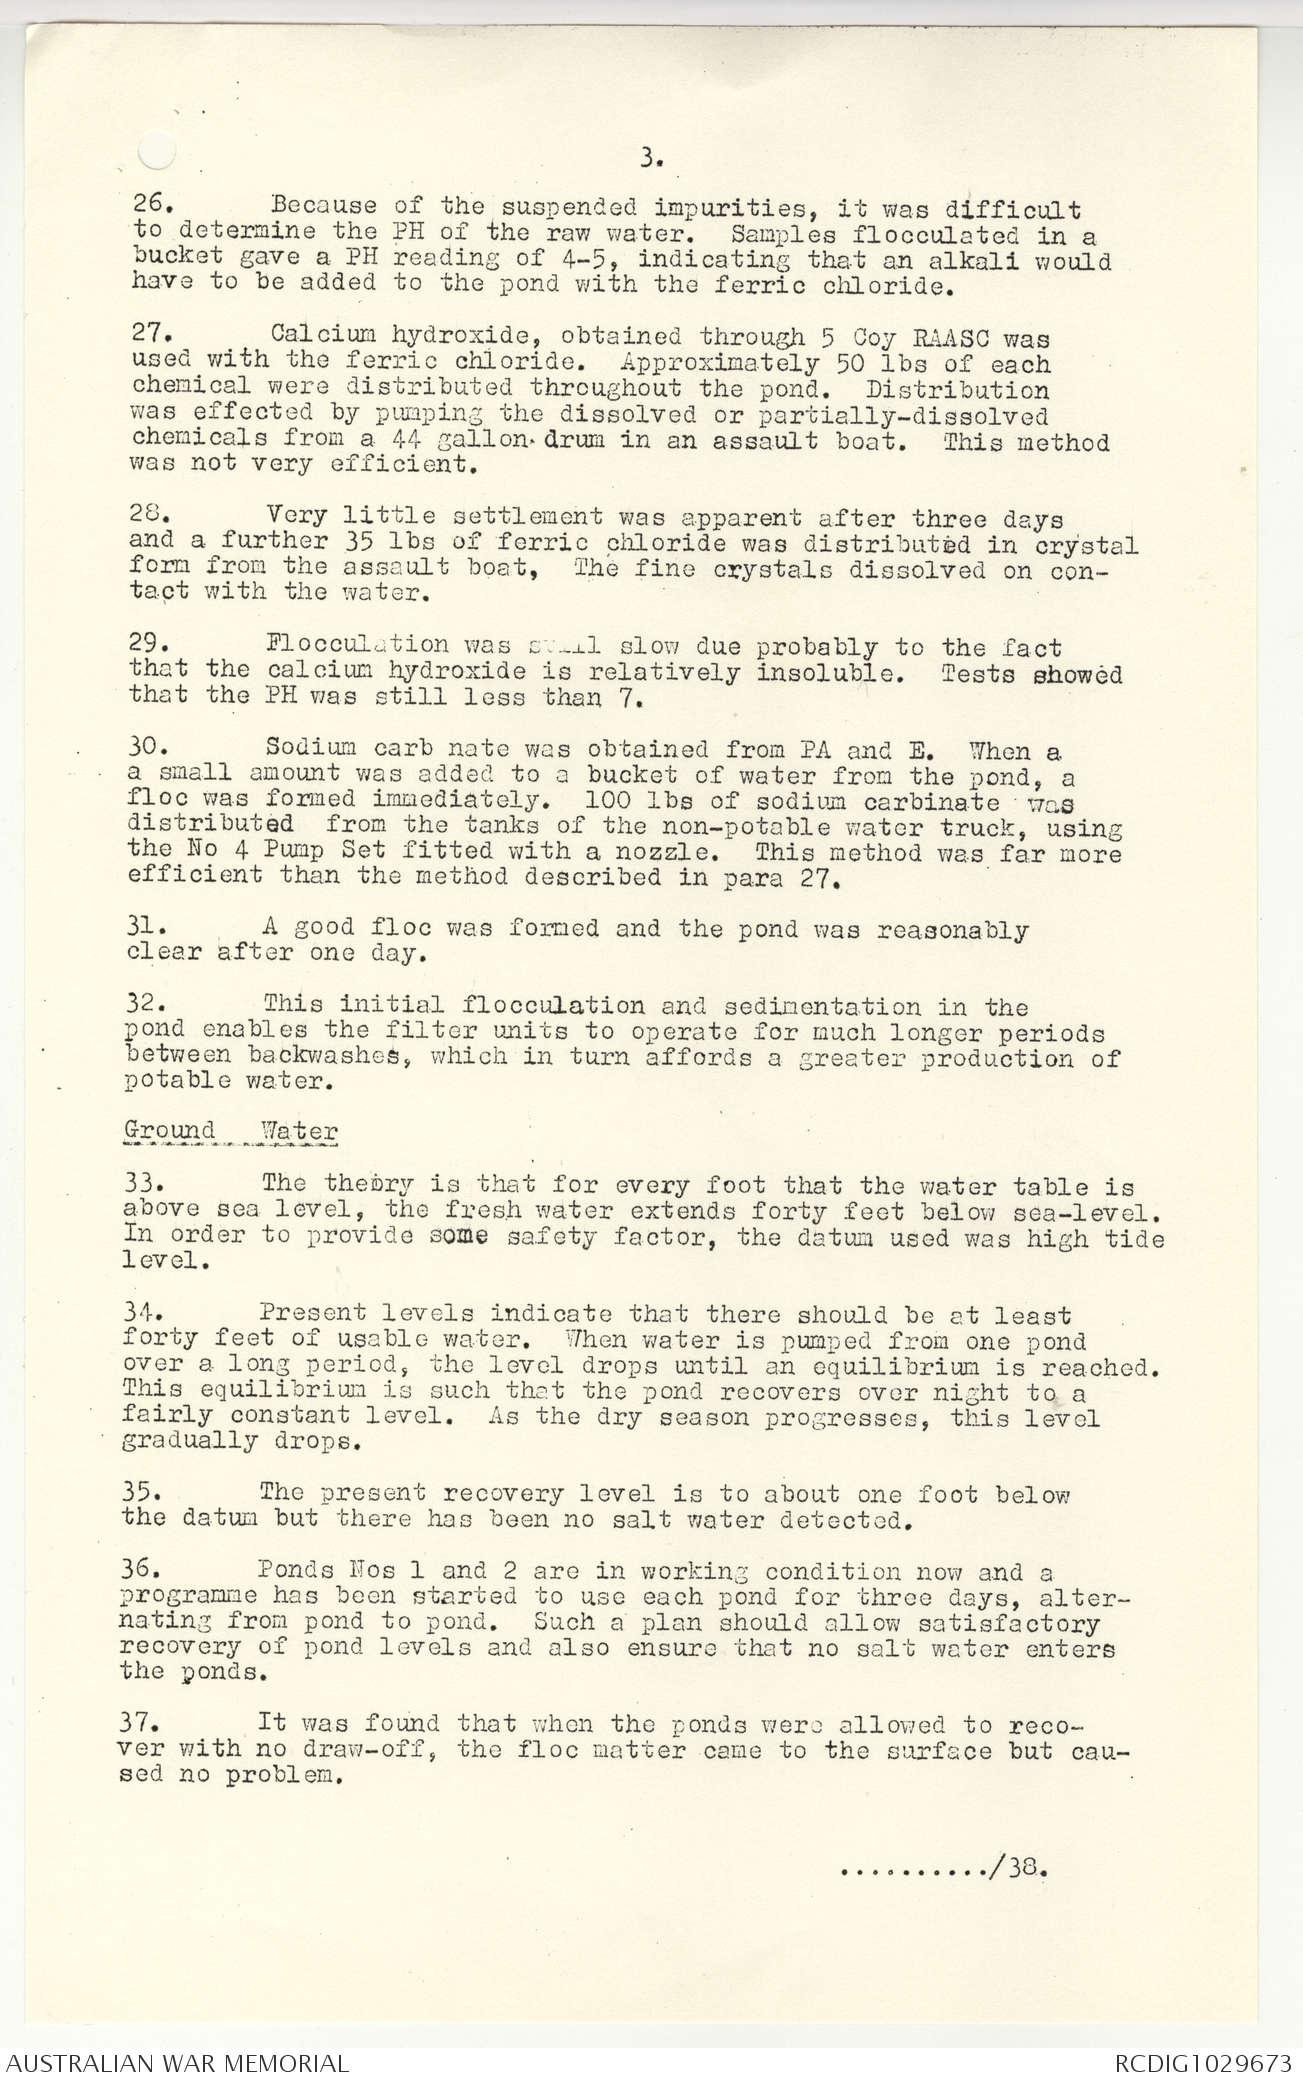 AWM95 4/4/46 - 1-30 April 1969, Annexes J-O   The Australian